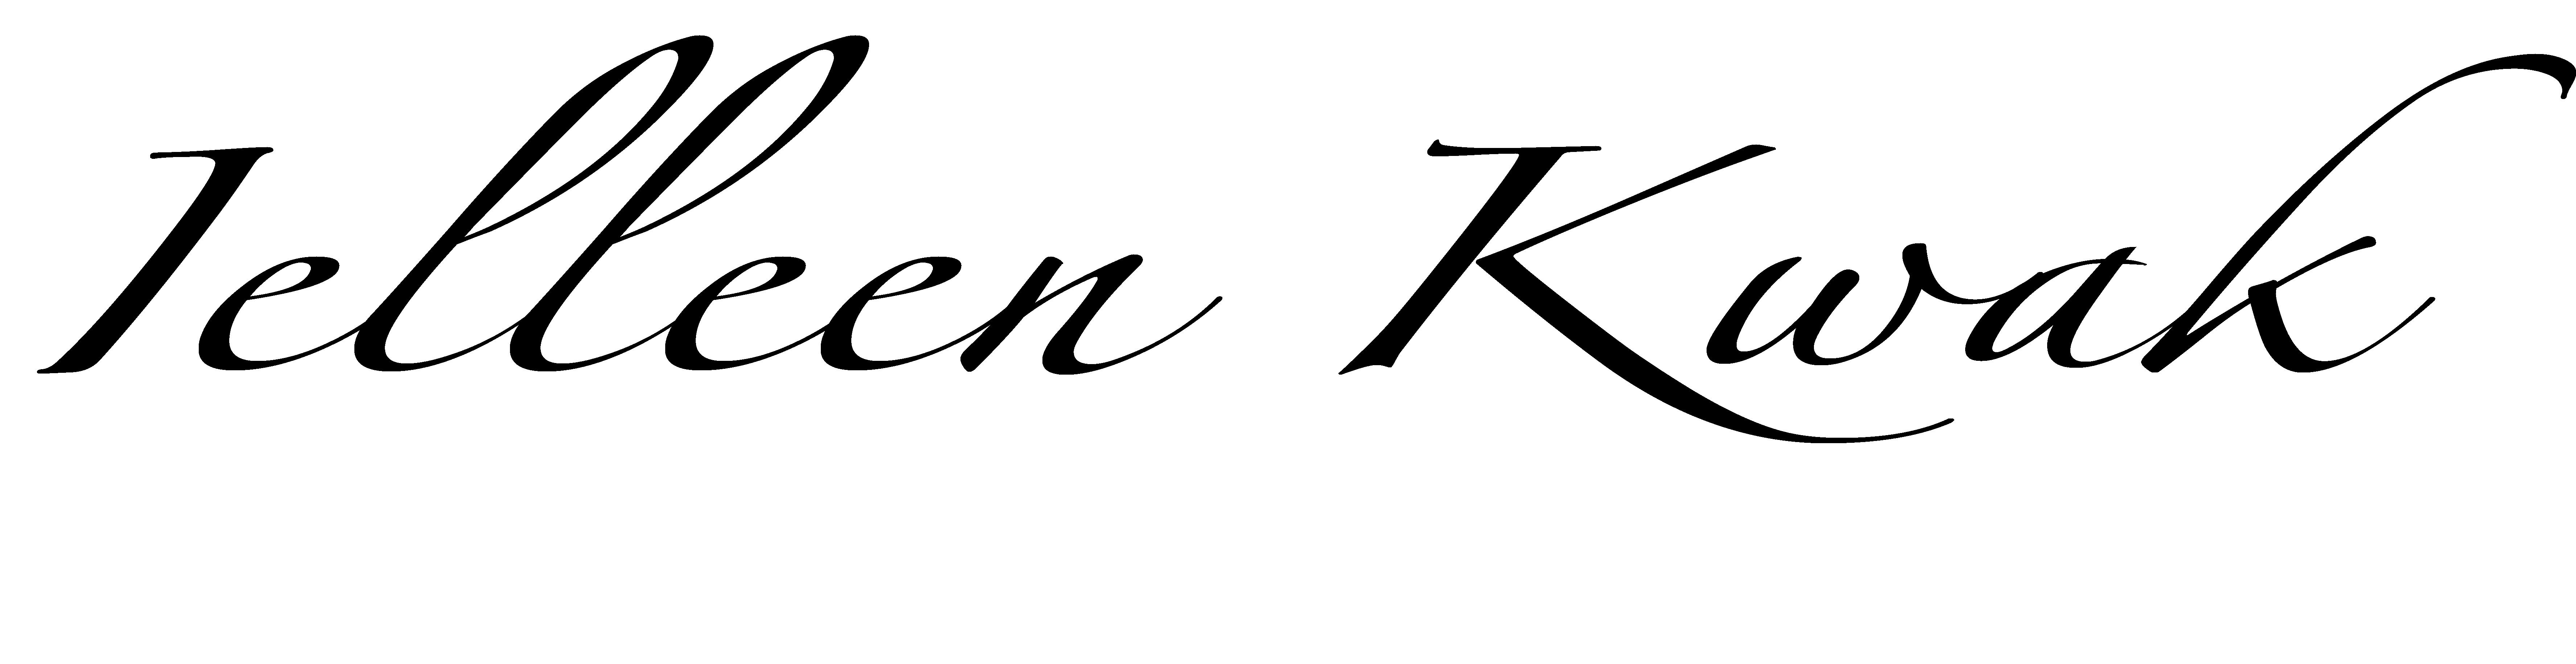 ielleen kwak Signature